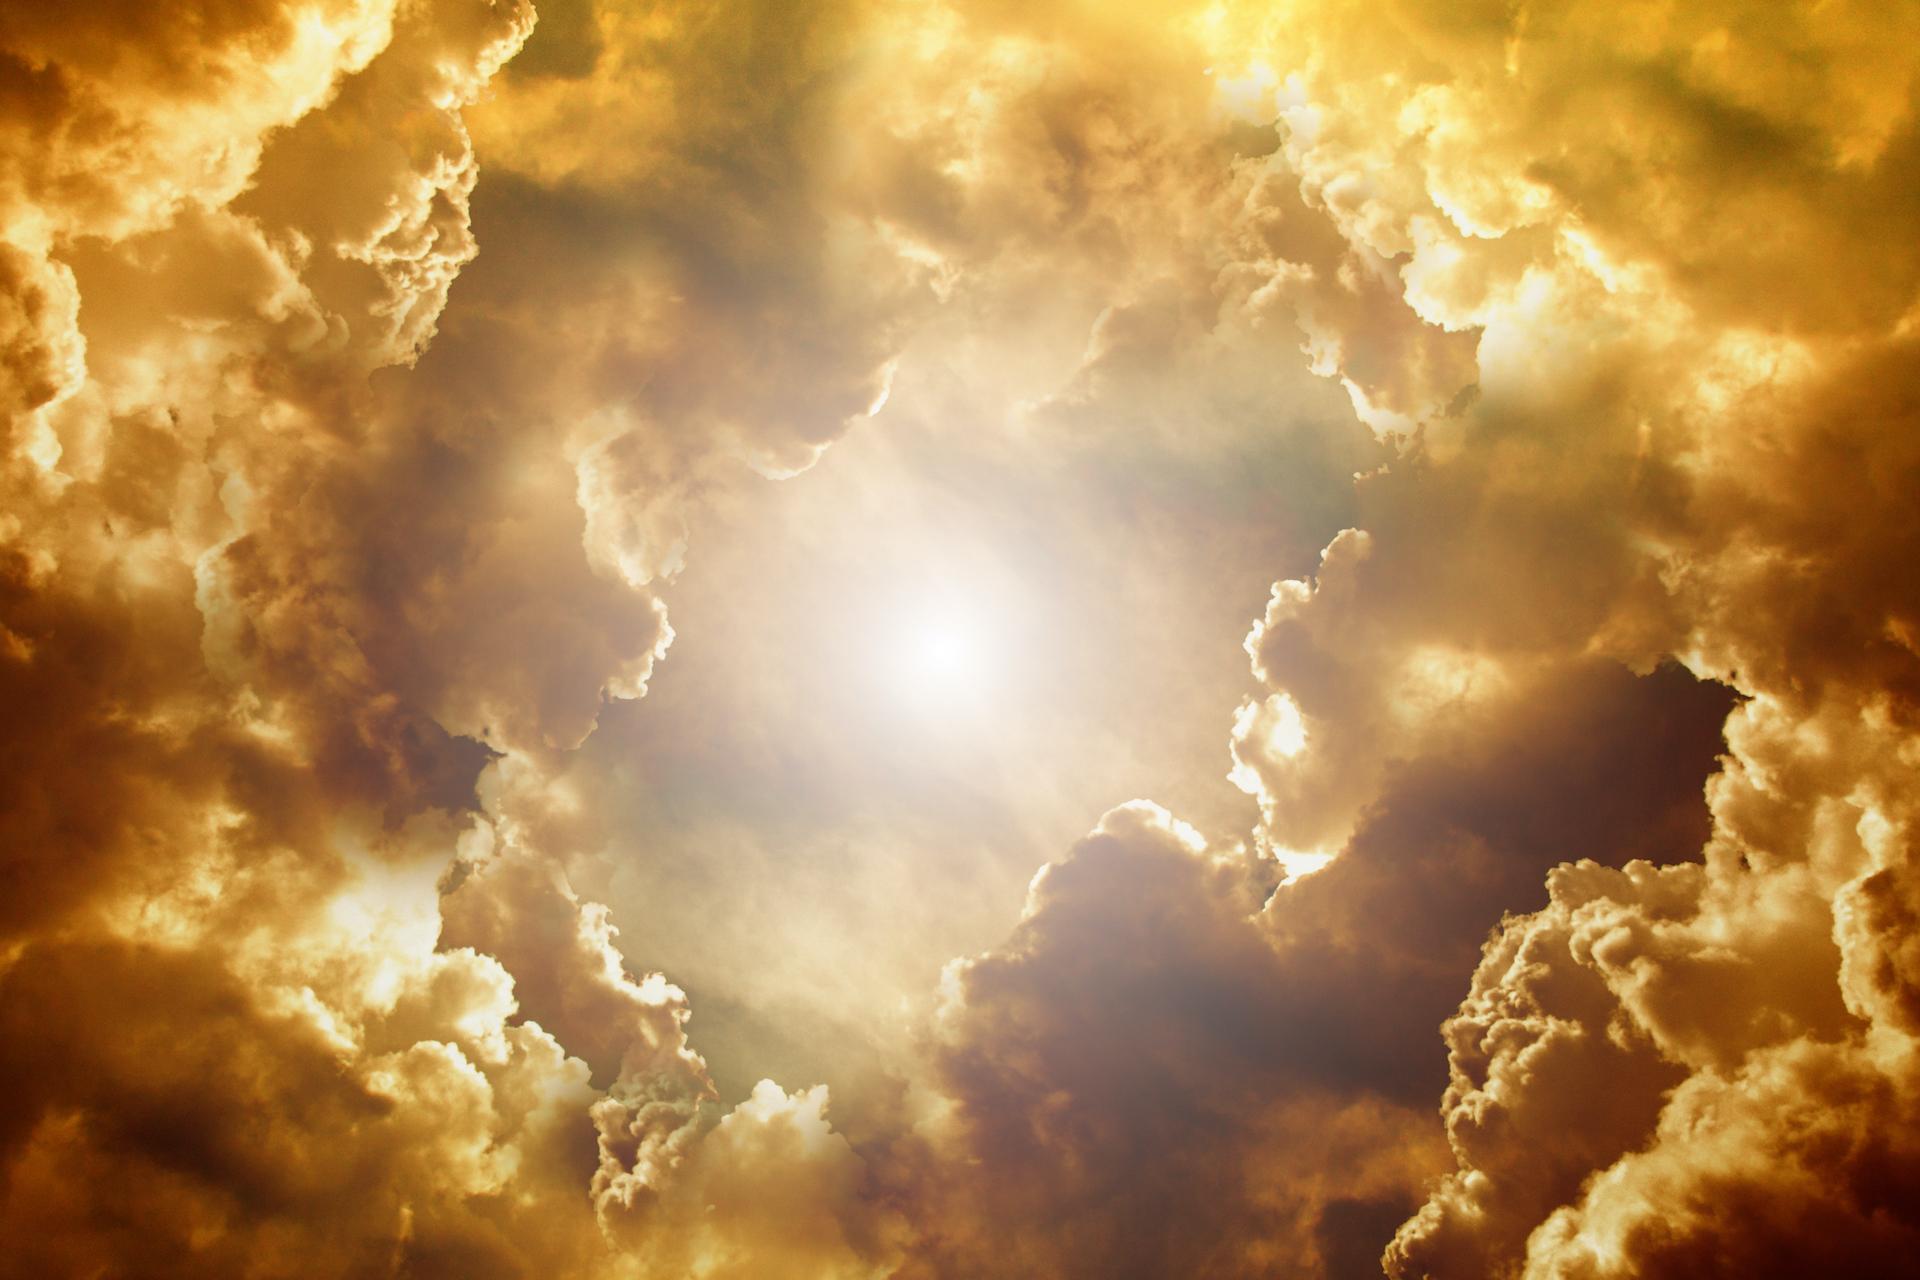 Sie haben Fragen zu Ihrer spirituellen Entwicklung? Unsere Berater helfen Ihnen gerne weiter